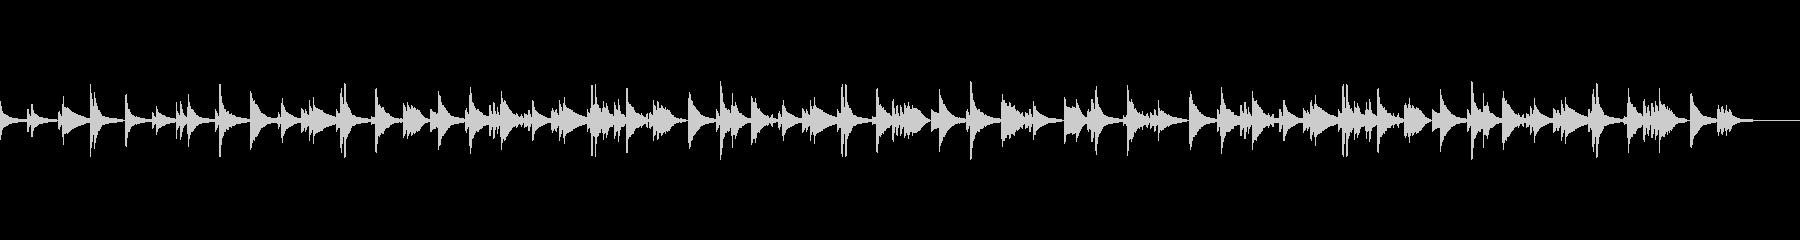 夜カフェ バー オシャレ ジャズピアノ の未再生の波形